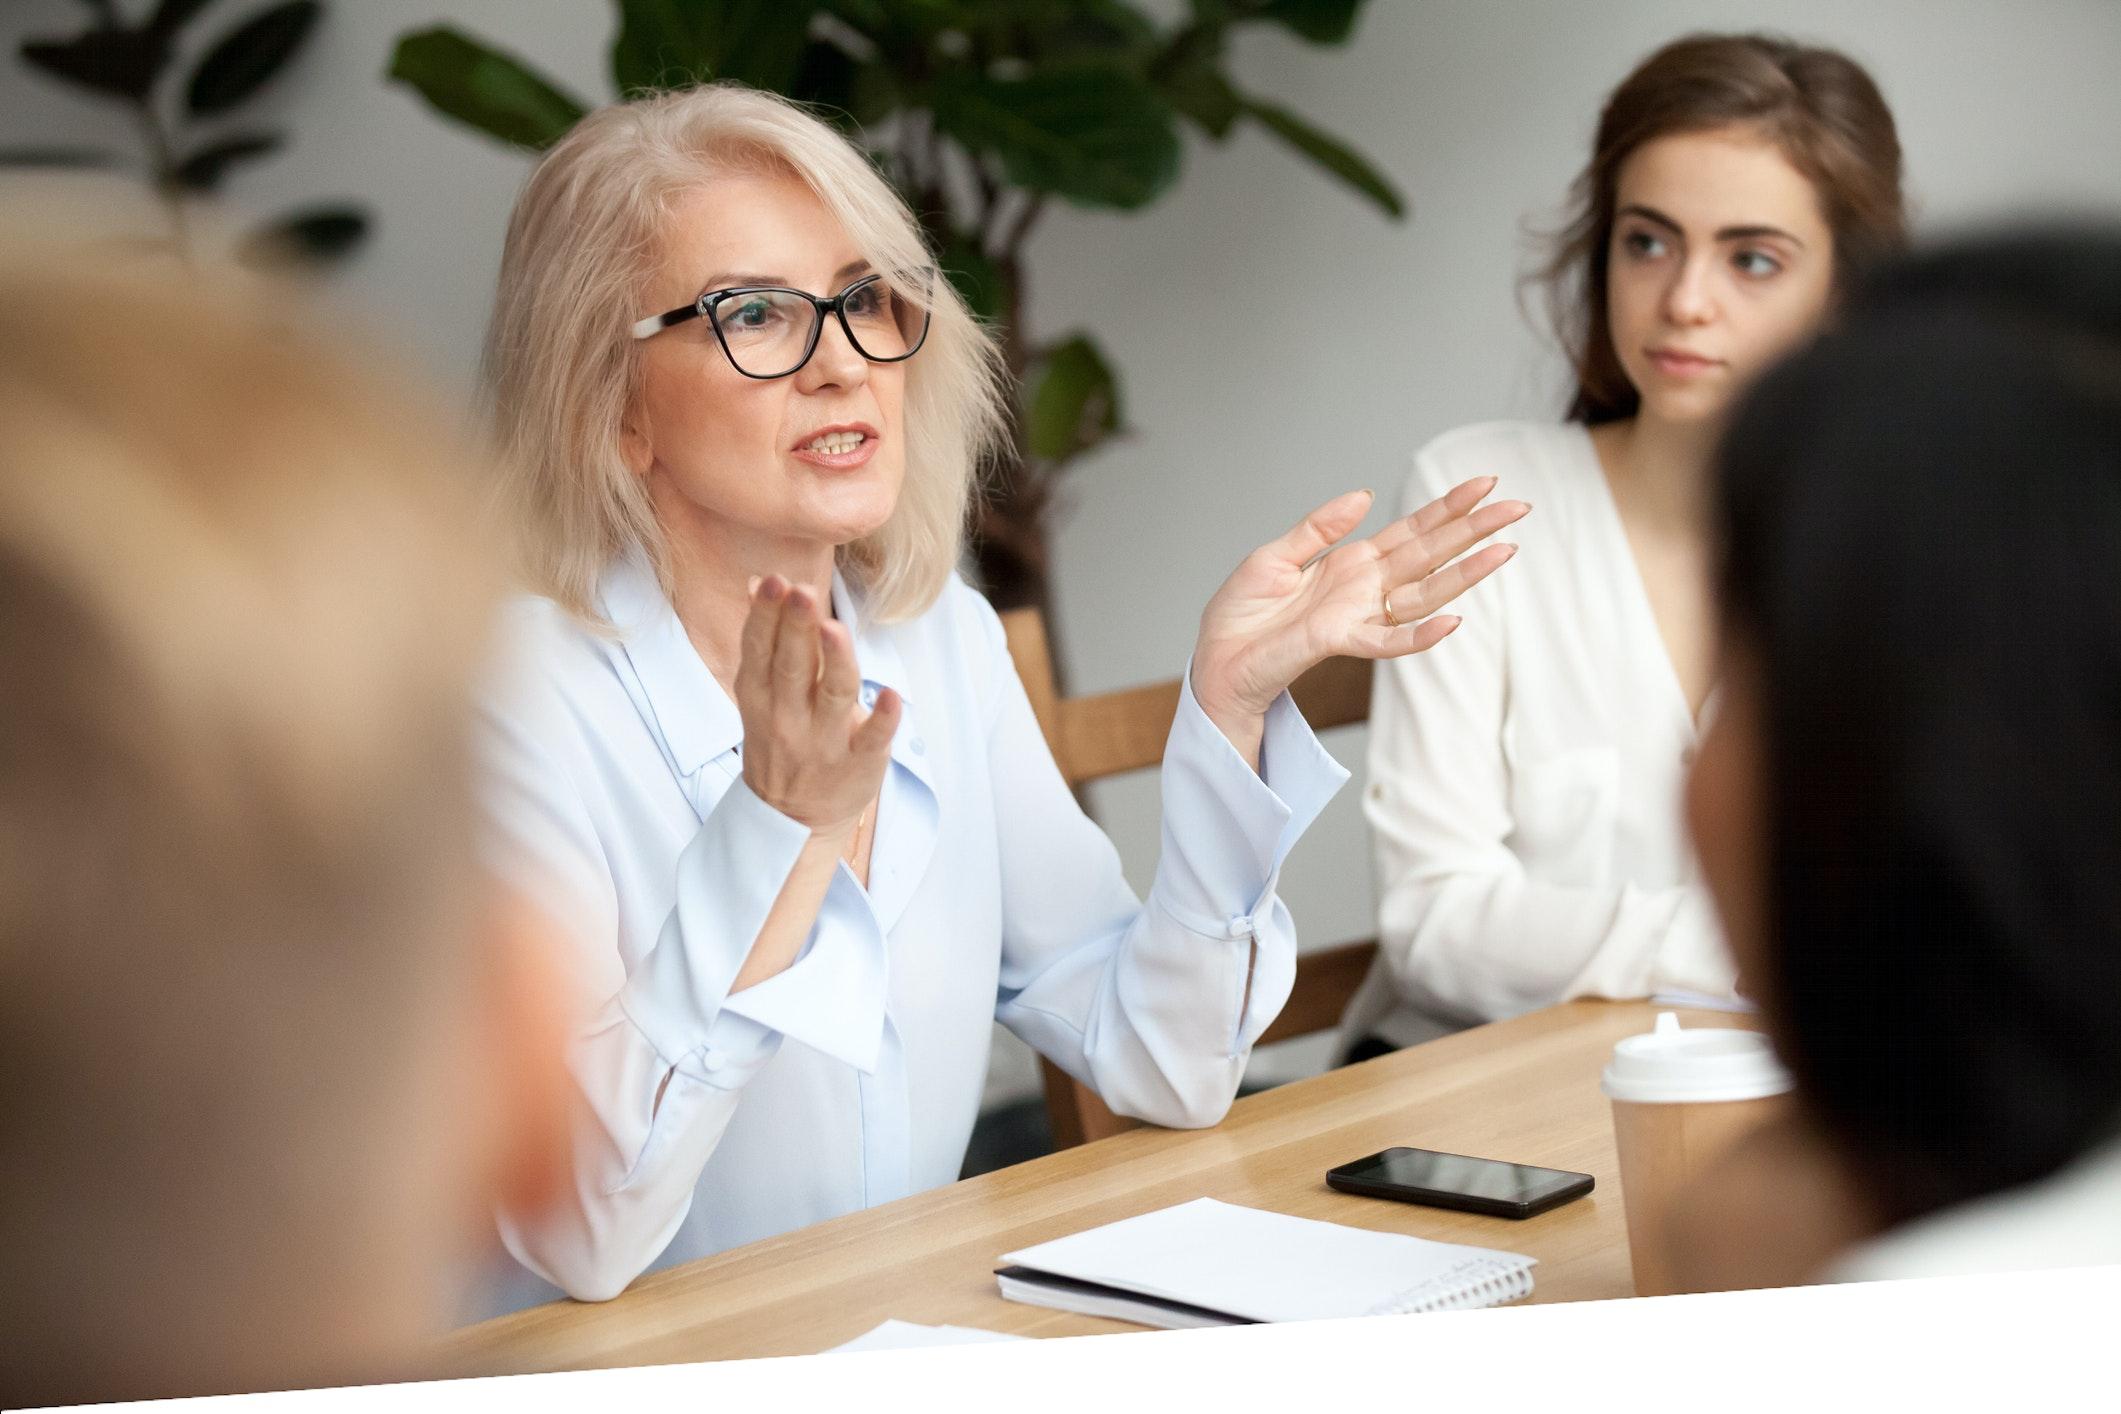 Frau in leitender Position Pflege